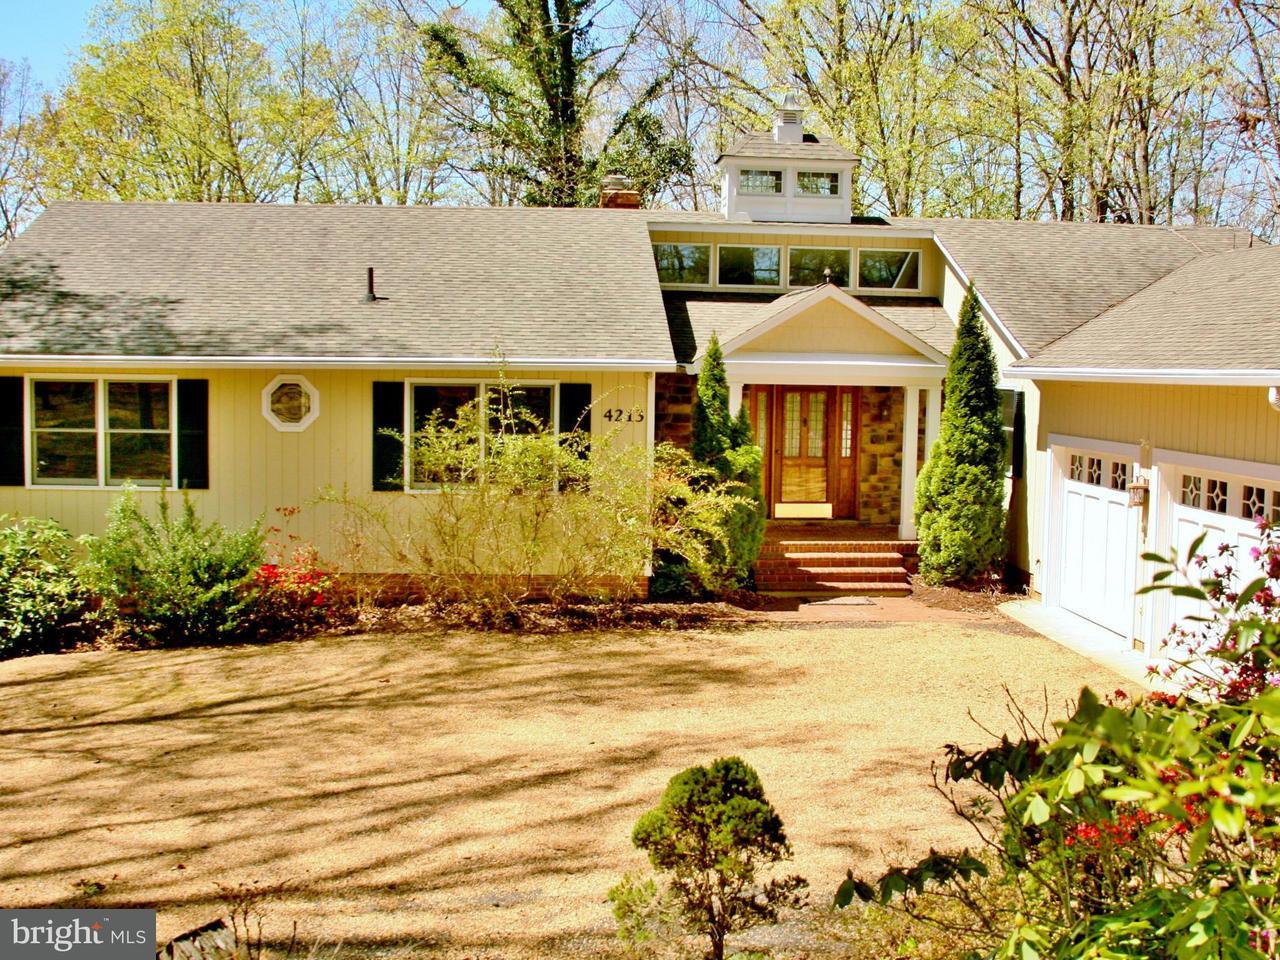 Einfamilienhaus für Verkauf beim 4213 Boggs Drive 4213 Boggs Drive Bumpass, Virginia 23024 Vereinigte Staaten